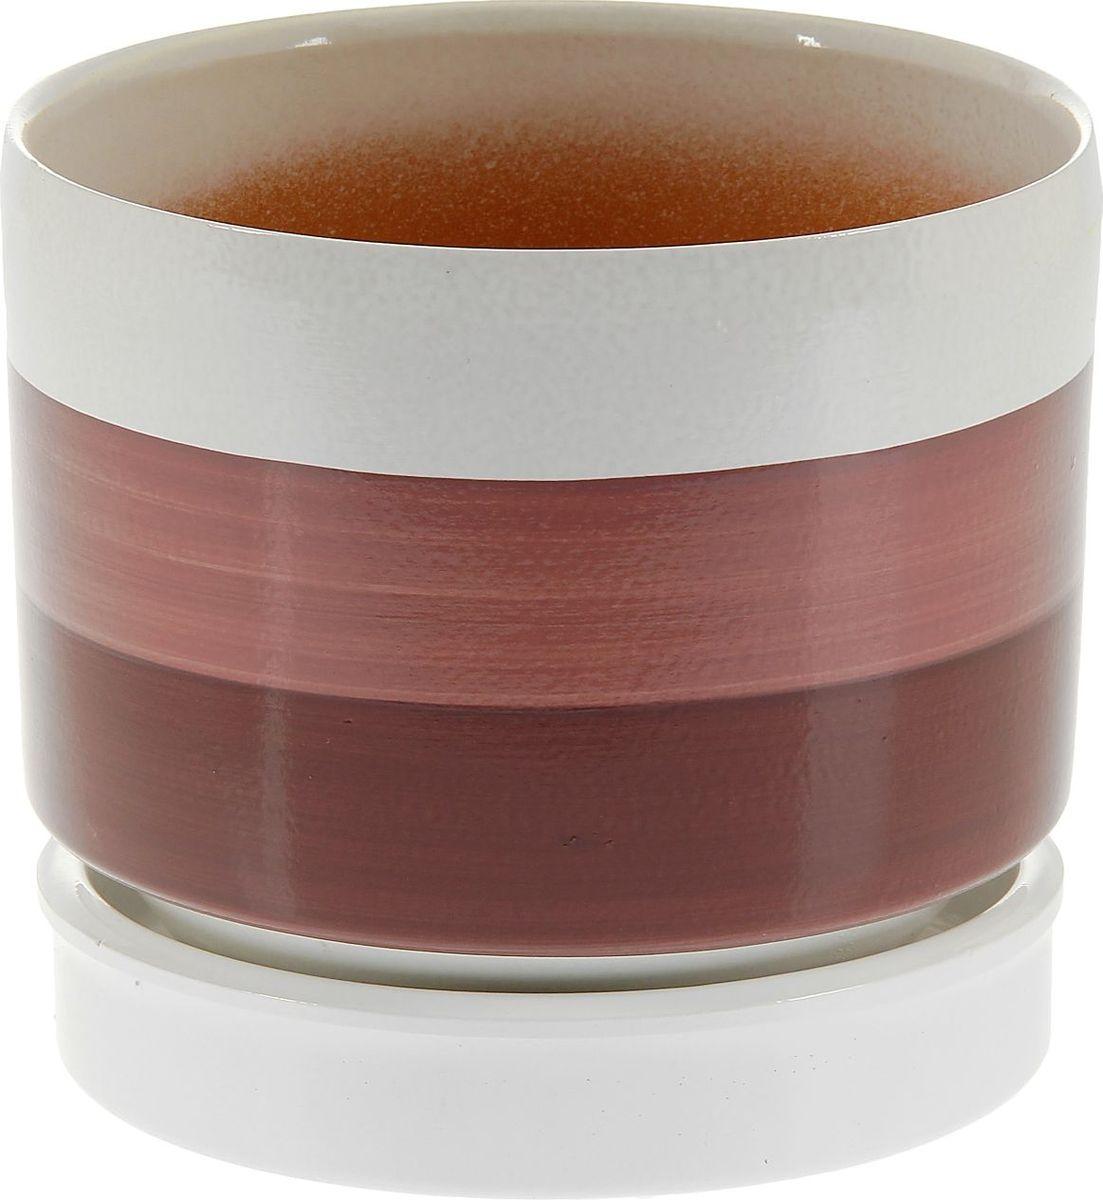 Кашпо Мари, цвет: бордовый, 3,4 л1130141